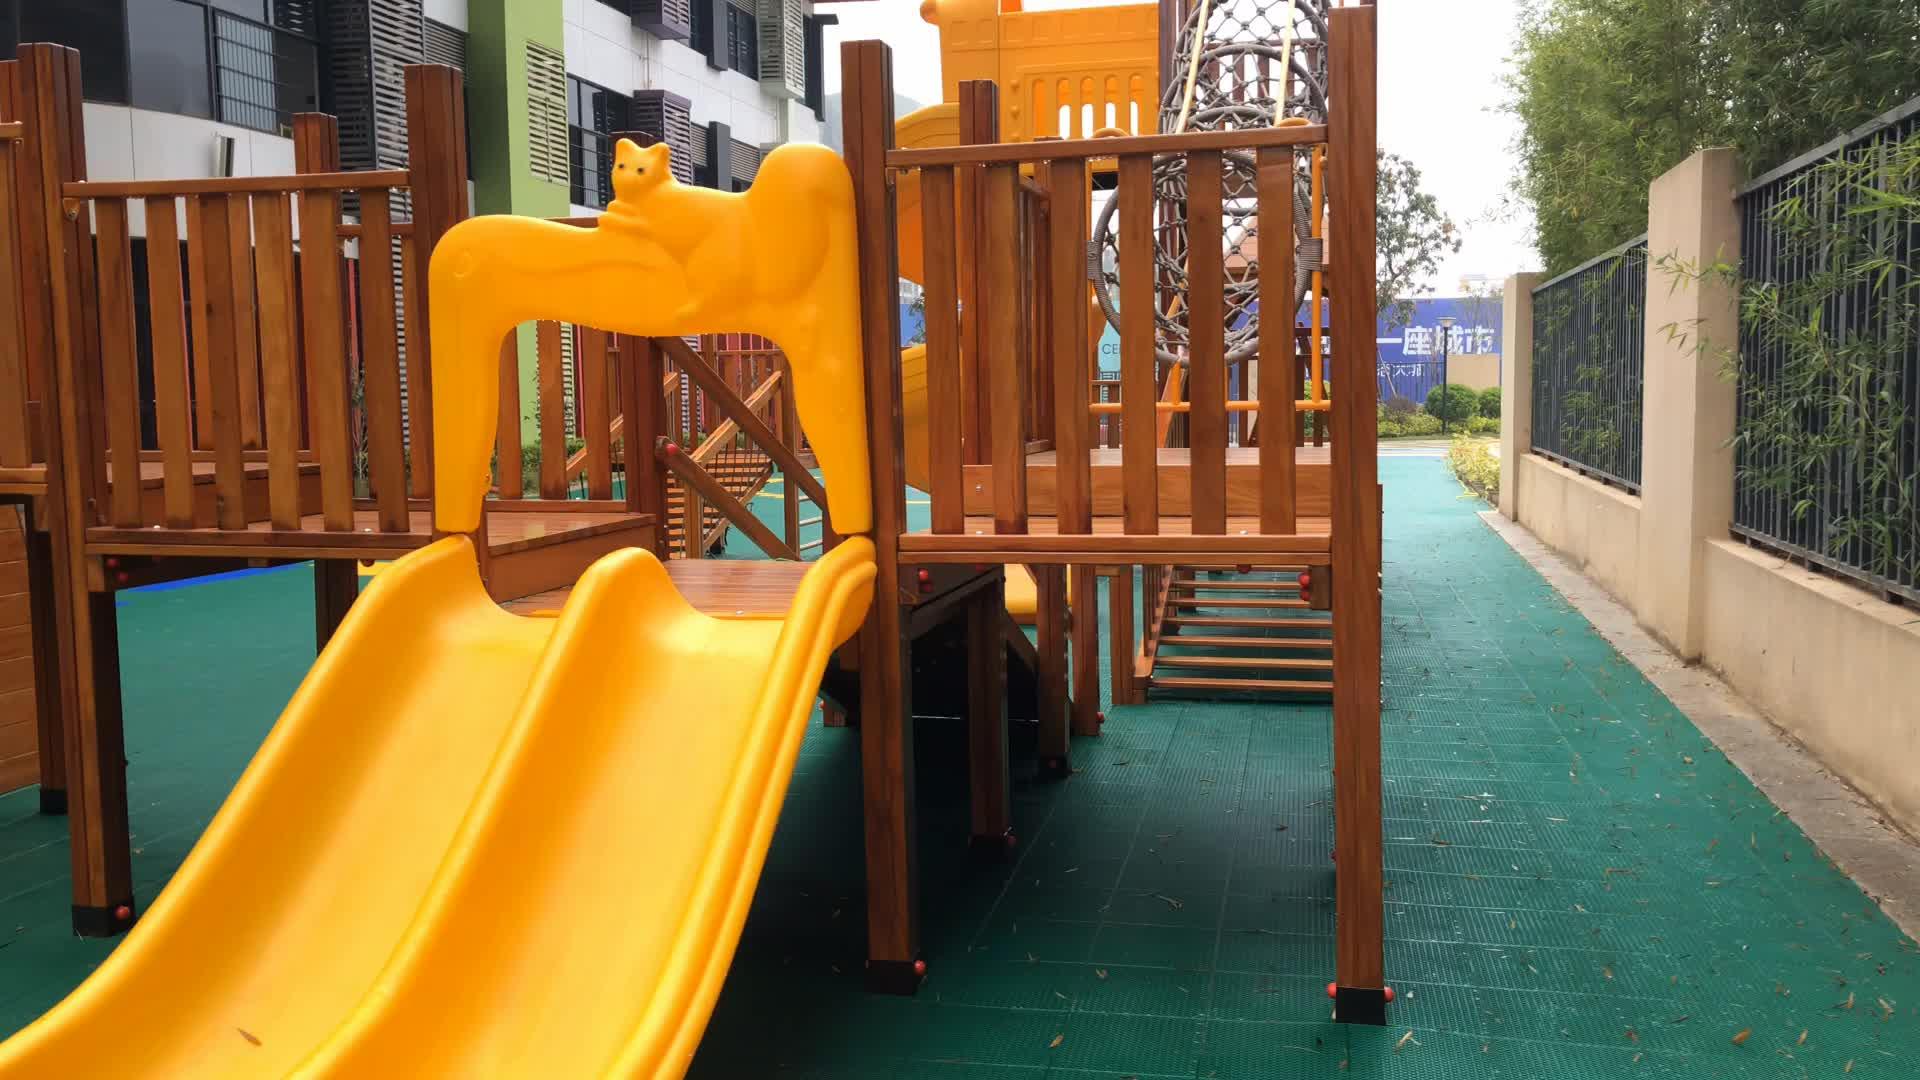 COWBOY Voorschoolse Outdoor Design Kinderen Speeltuin Houten Custom Speeltuin Slides Klimmen Netten Voor Kinderen